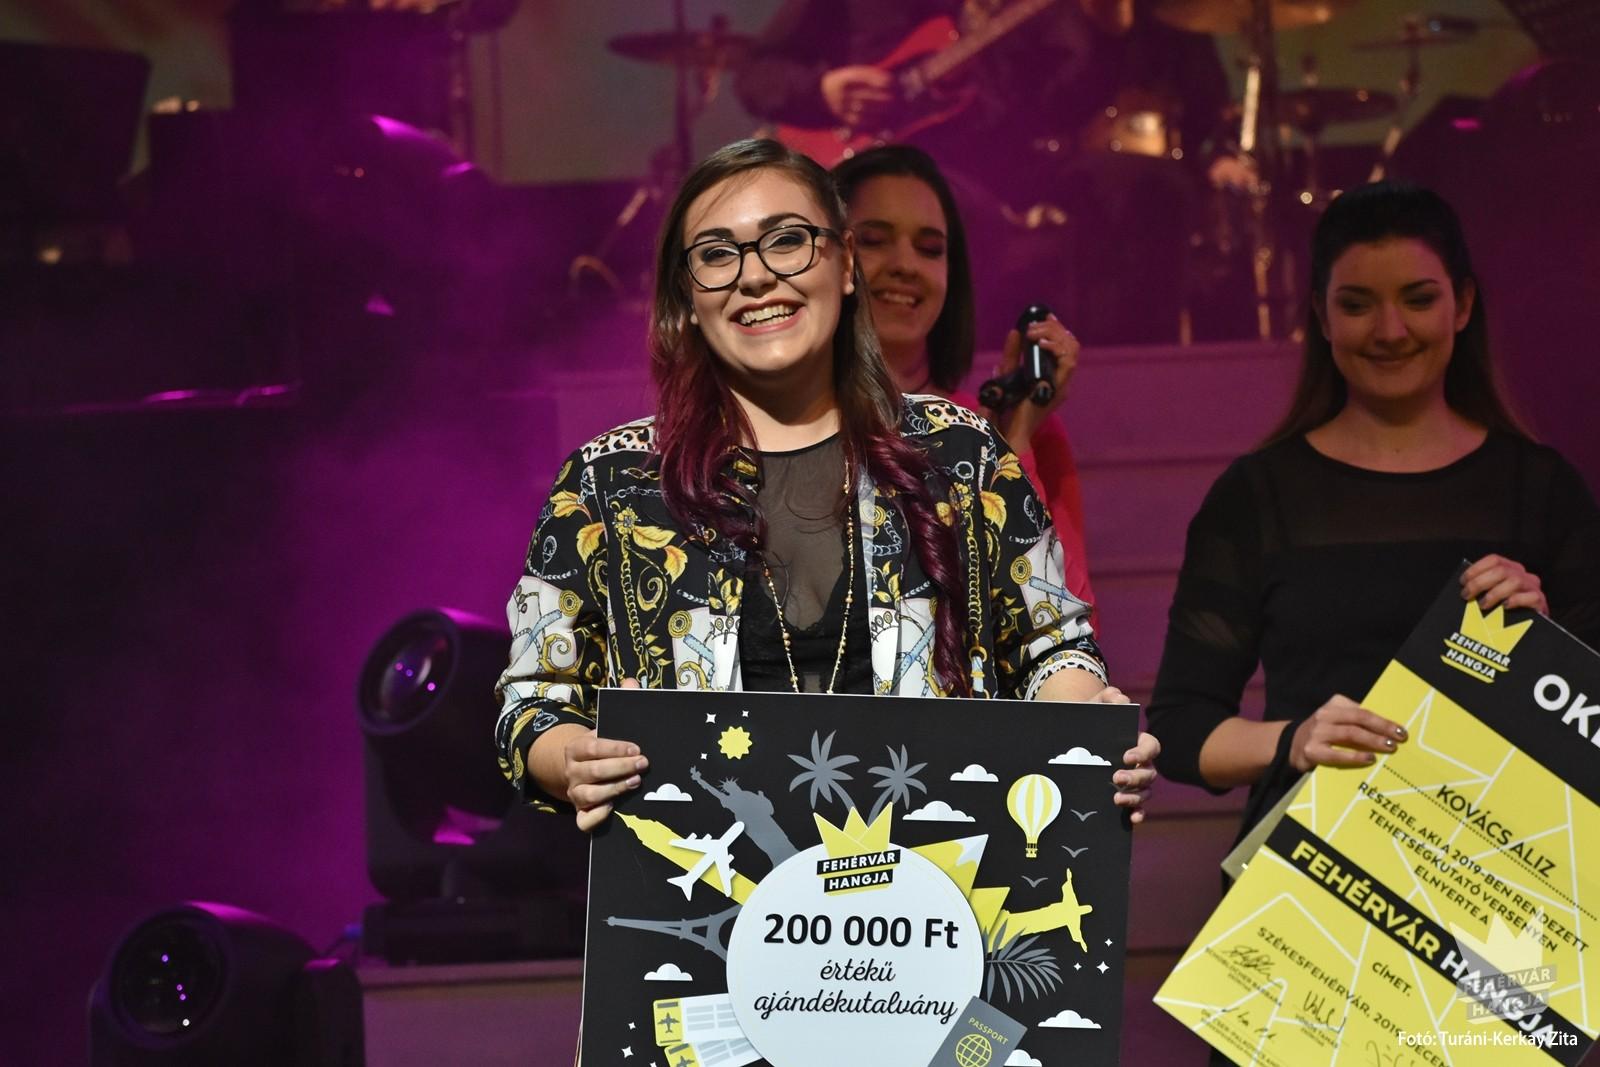 A zsűri döntésének értelmében a 2019. évi énekes tehetségkutató III. helyezettje Nagy Gréta, II. helyezettje Matern Vanda lett, a Fehérvár Hangja címet pedig Kovács Aliz nyerte el